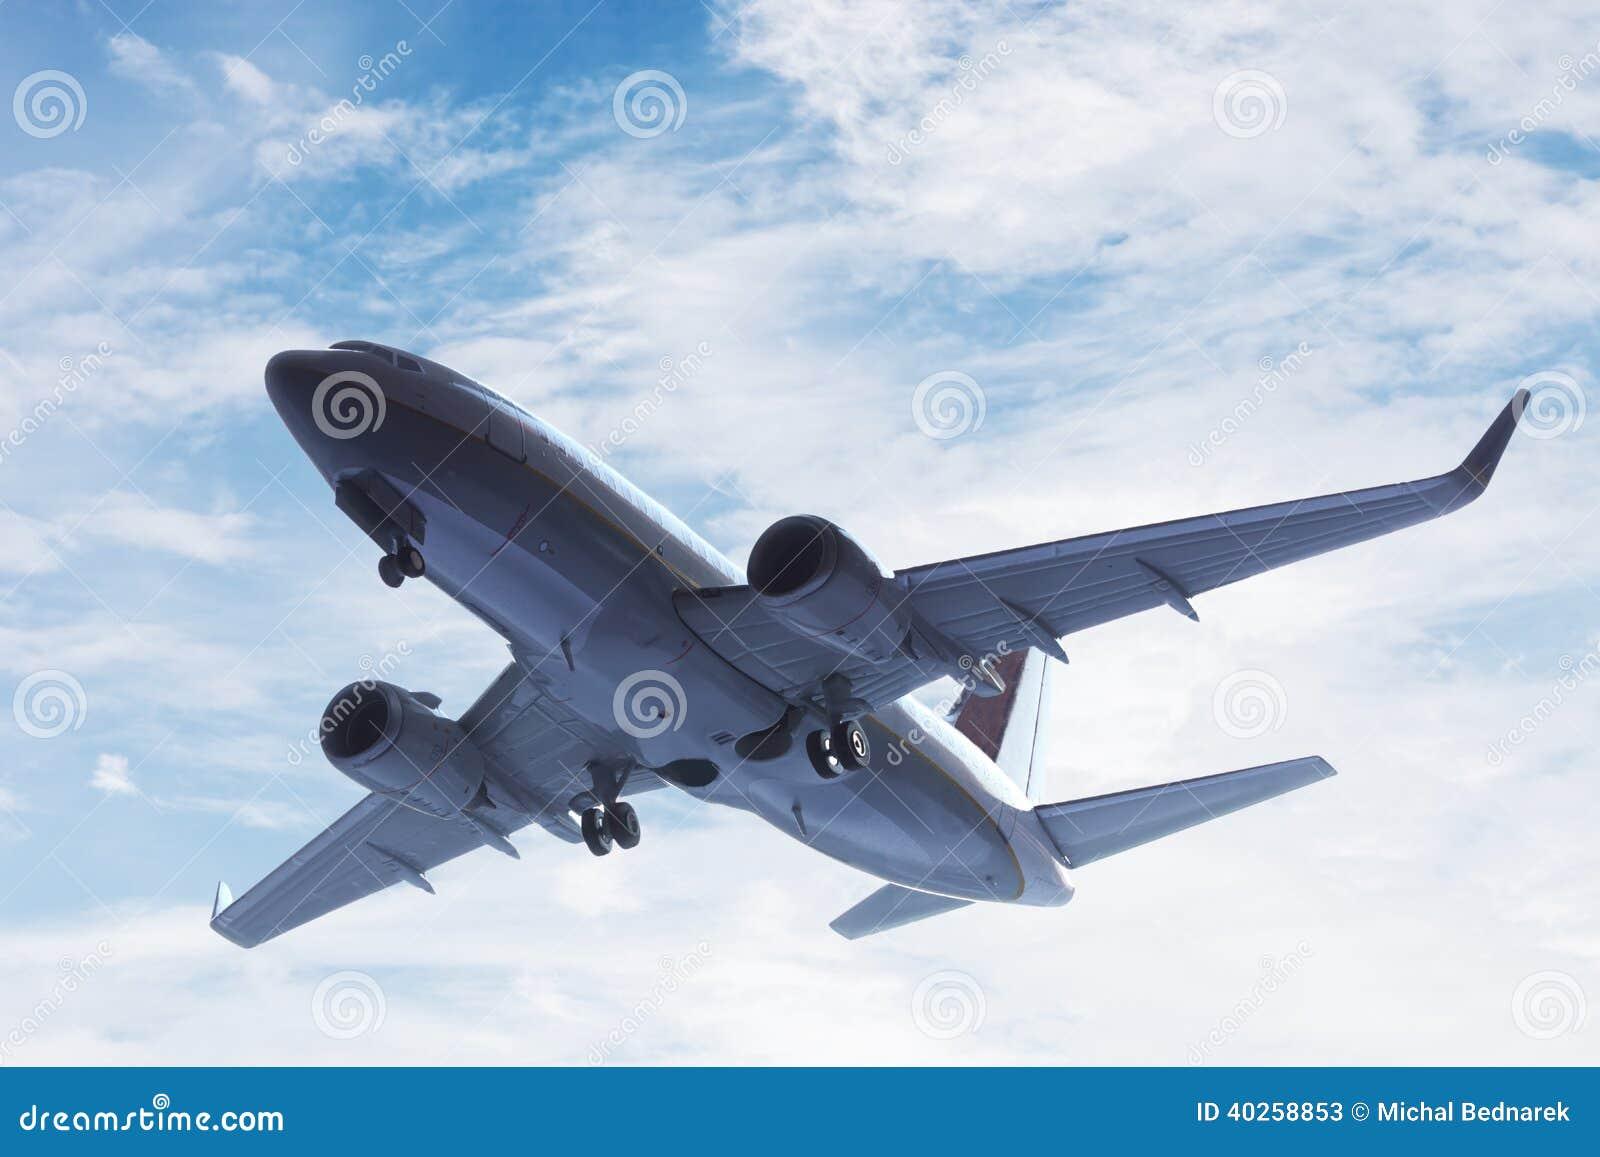 korean air cargo flight 8509